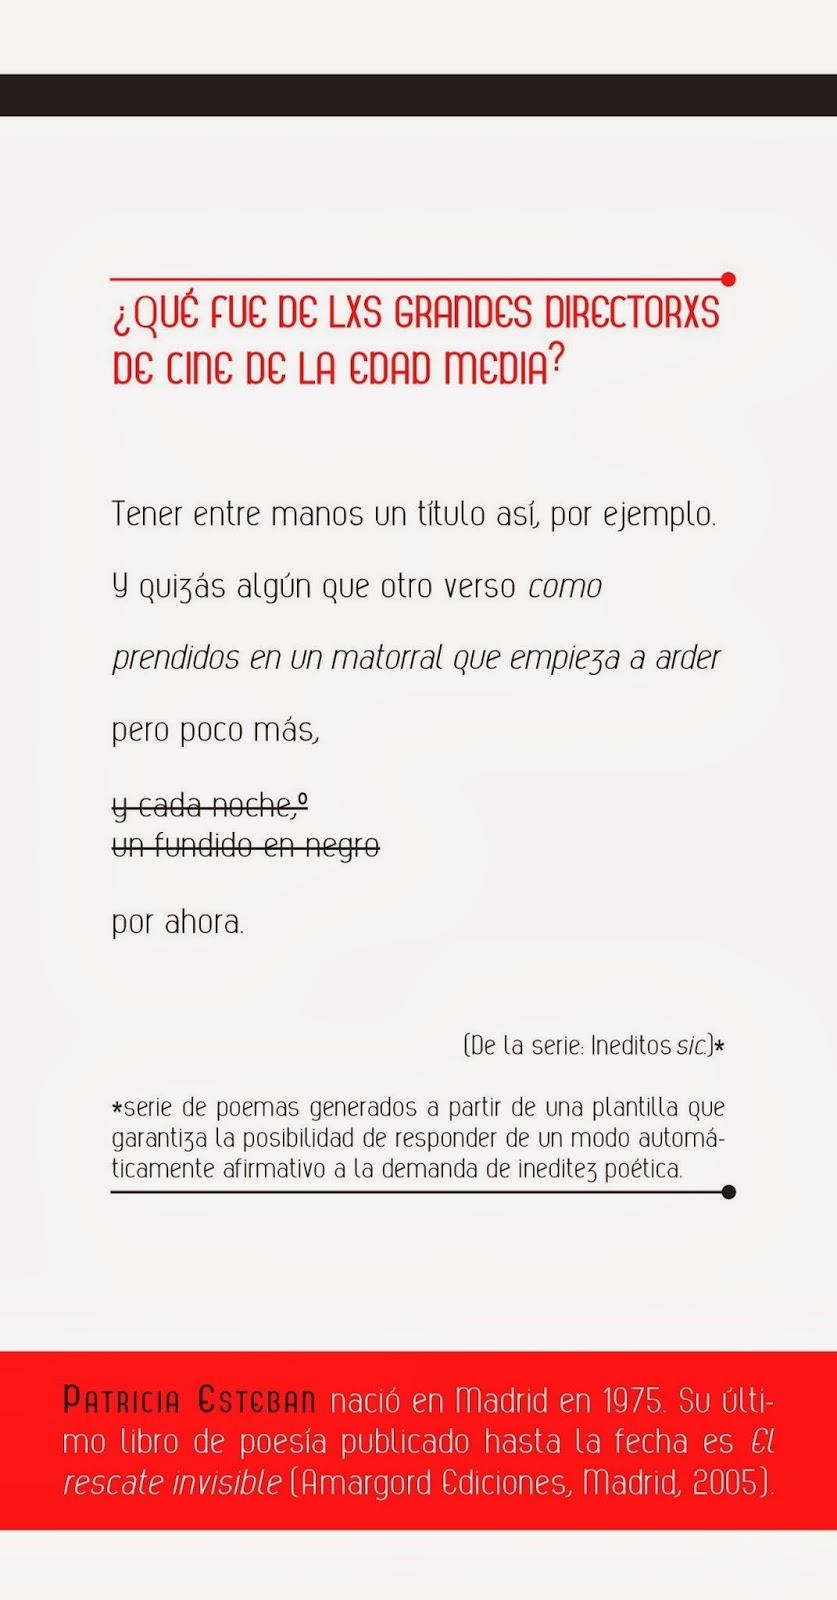 Asombroso Plantilla De Poesía Friso - Ejemplo De Colección De ...